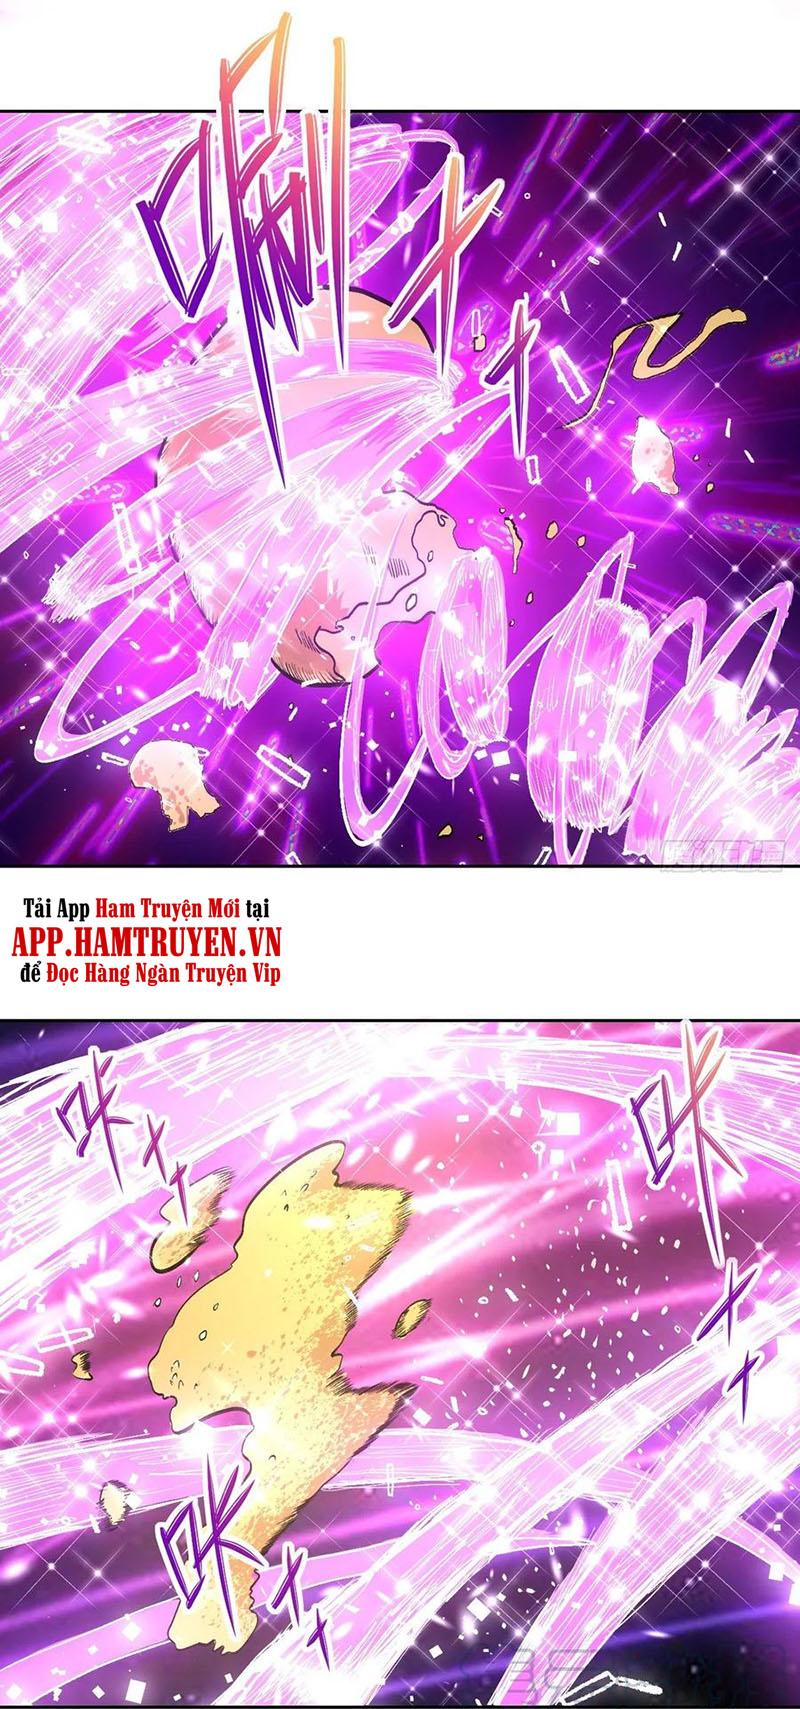 Sư Tỷ Của Ta Rất Cứng Chương 139 - Vcomic.net